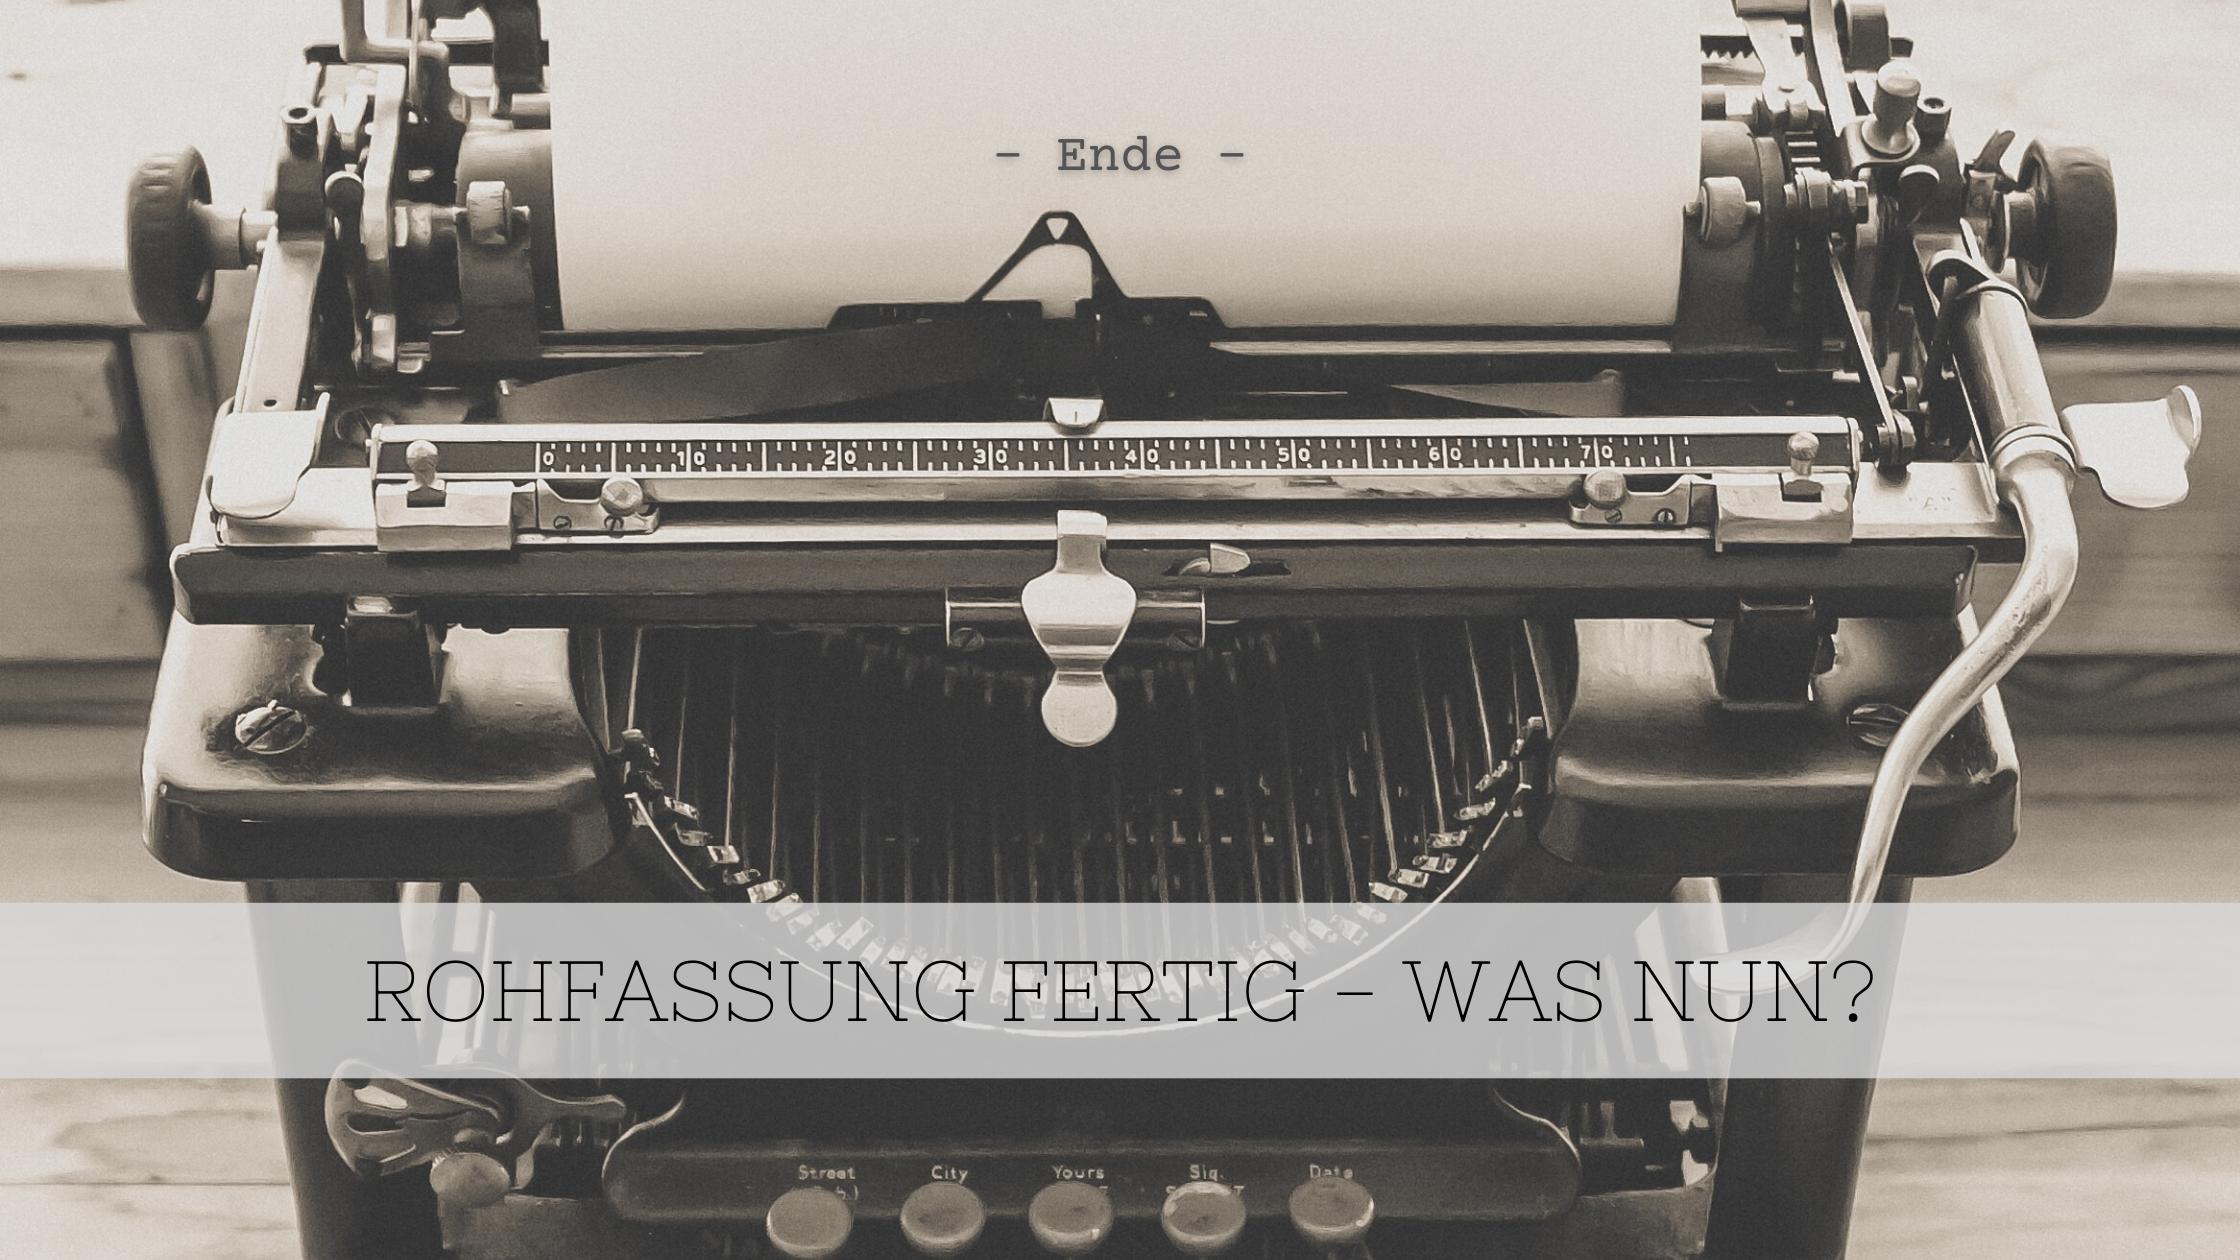 """Titelbild """"Rohfassung fertig - was nun?"""" vor Schreibmaschine"""